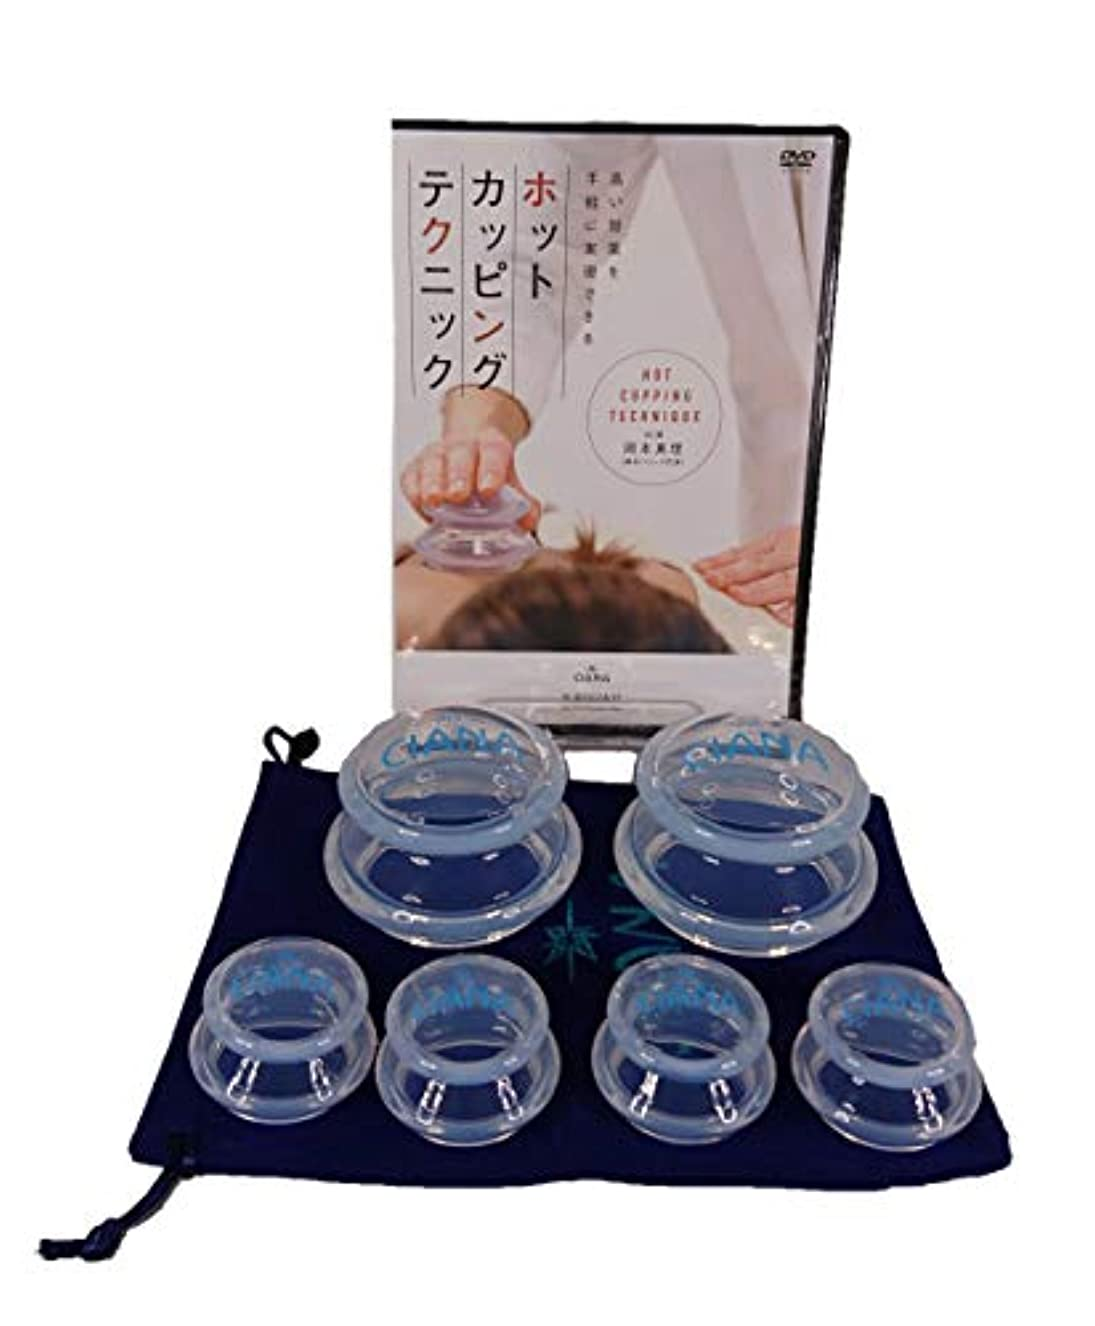 無臭薬剤師キウイCIANA シリコーンカッピング (カッピング+DVDセット)